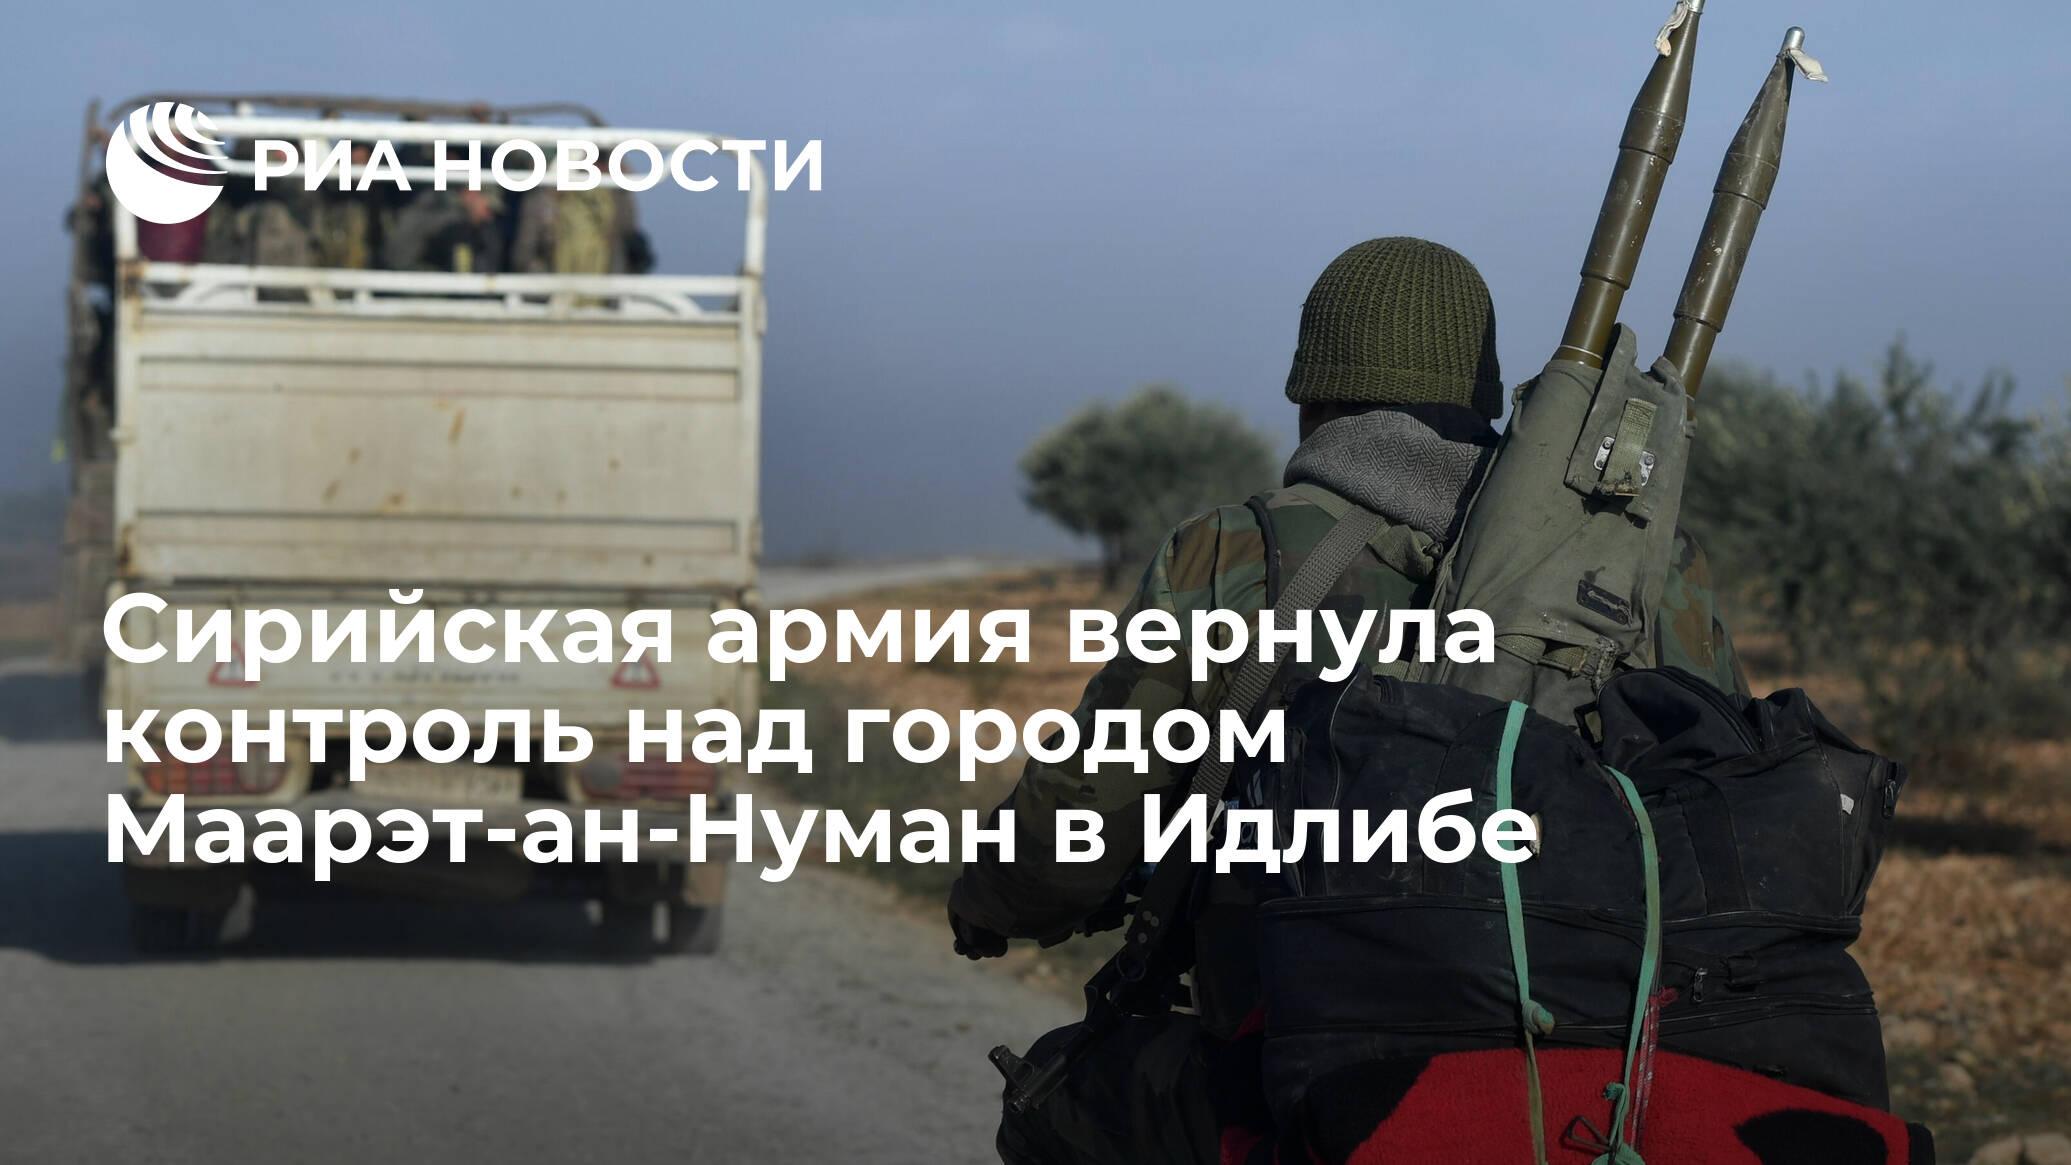 Сирийская армия вернула контроль над городом Маарэт-ан-Нуман в Идлибе